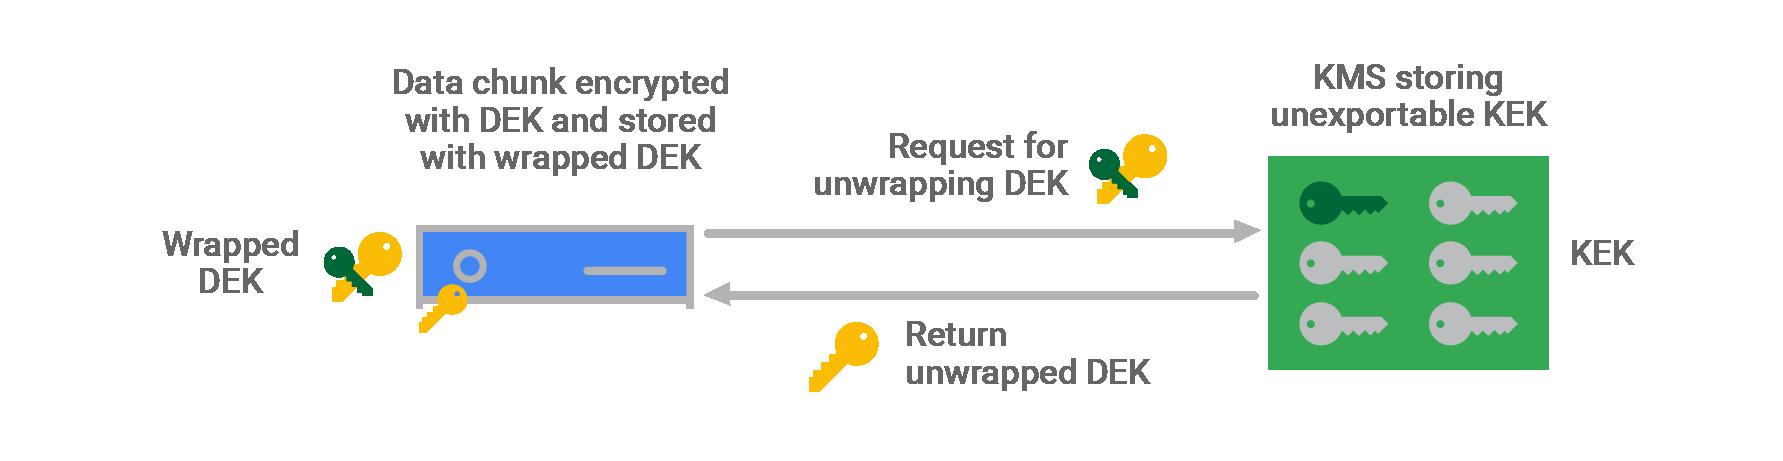 Veri parçası şifre çözme diyagramı